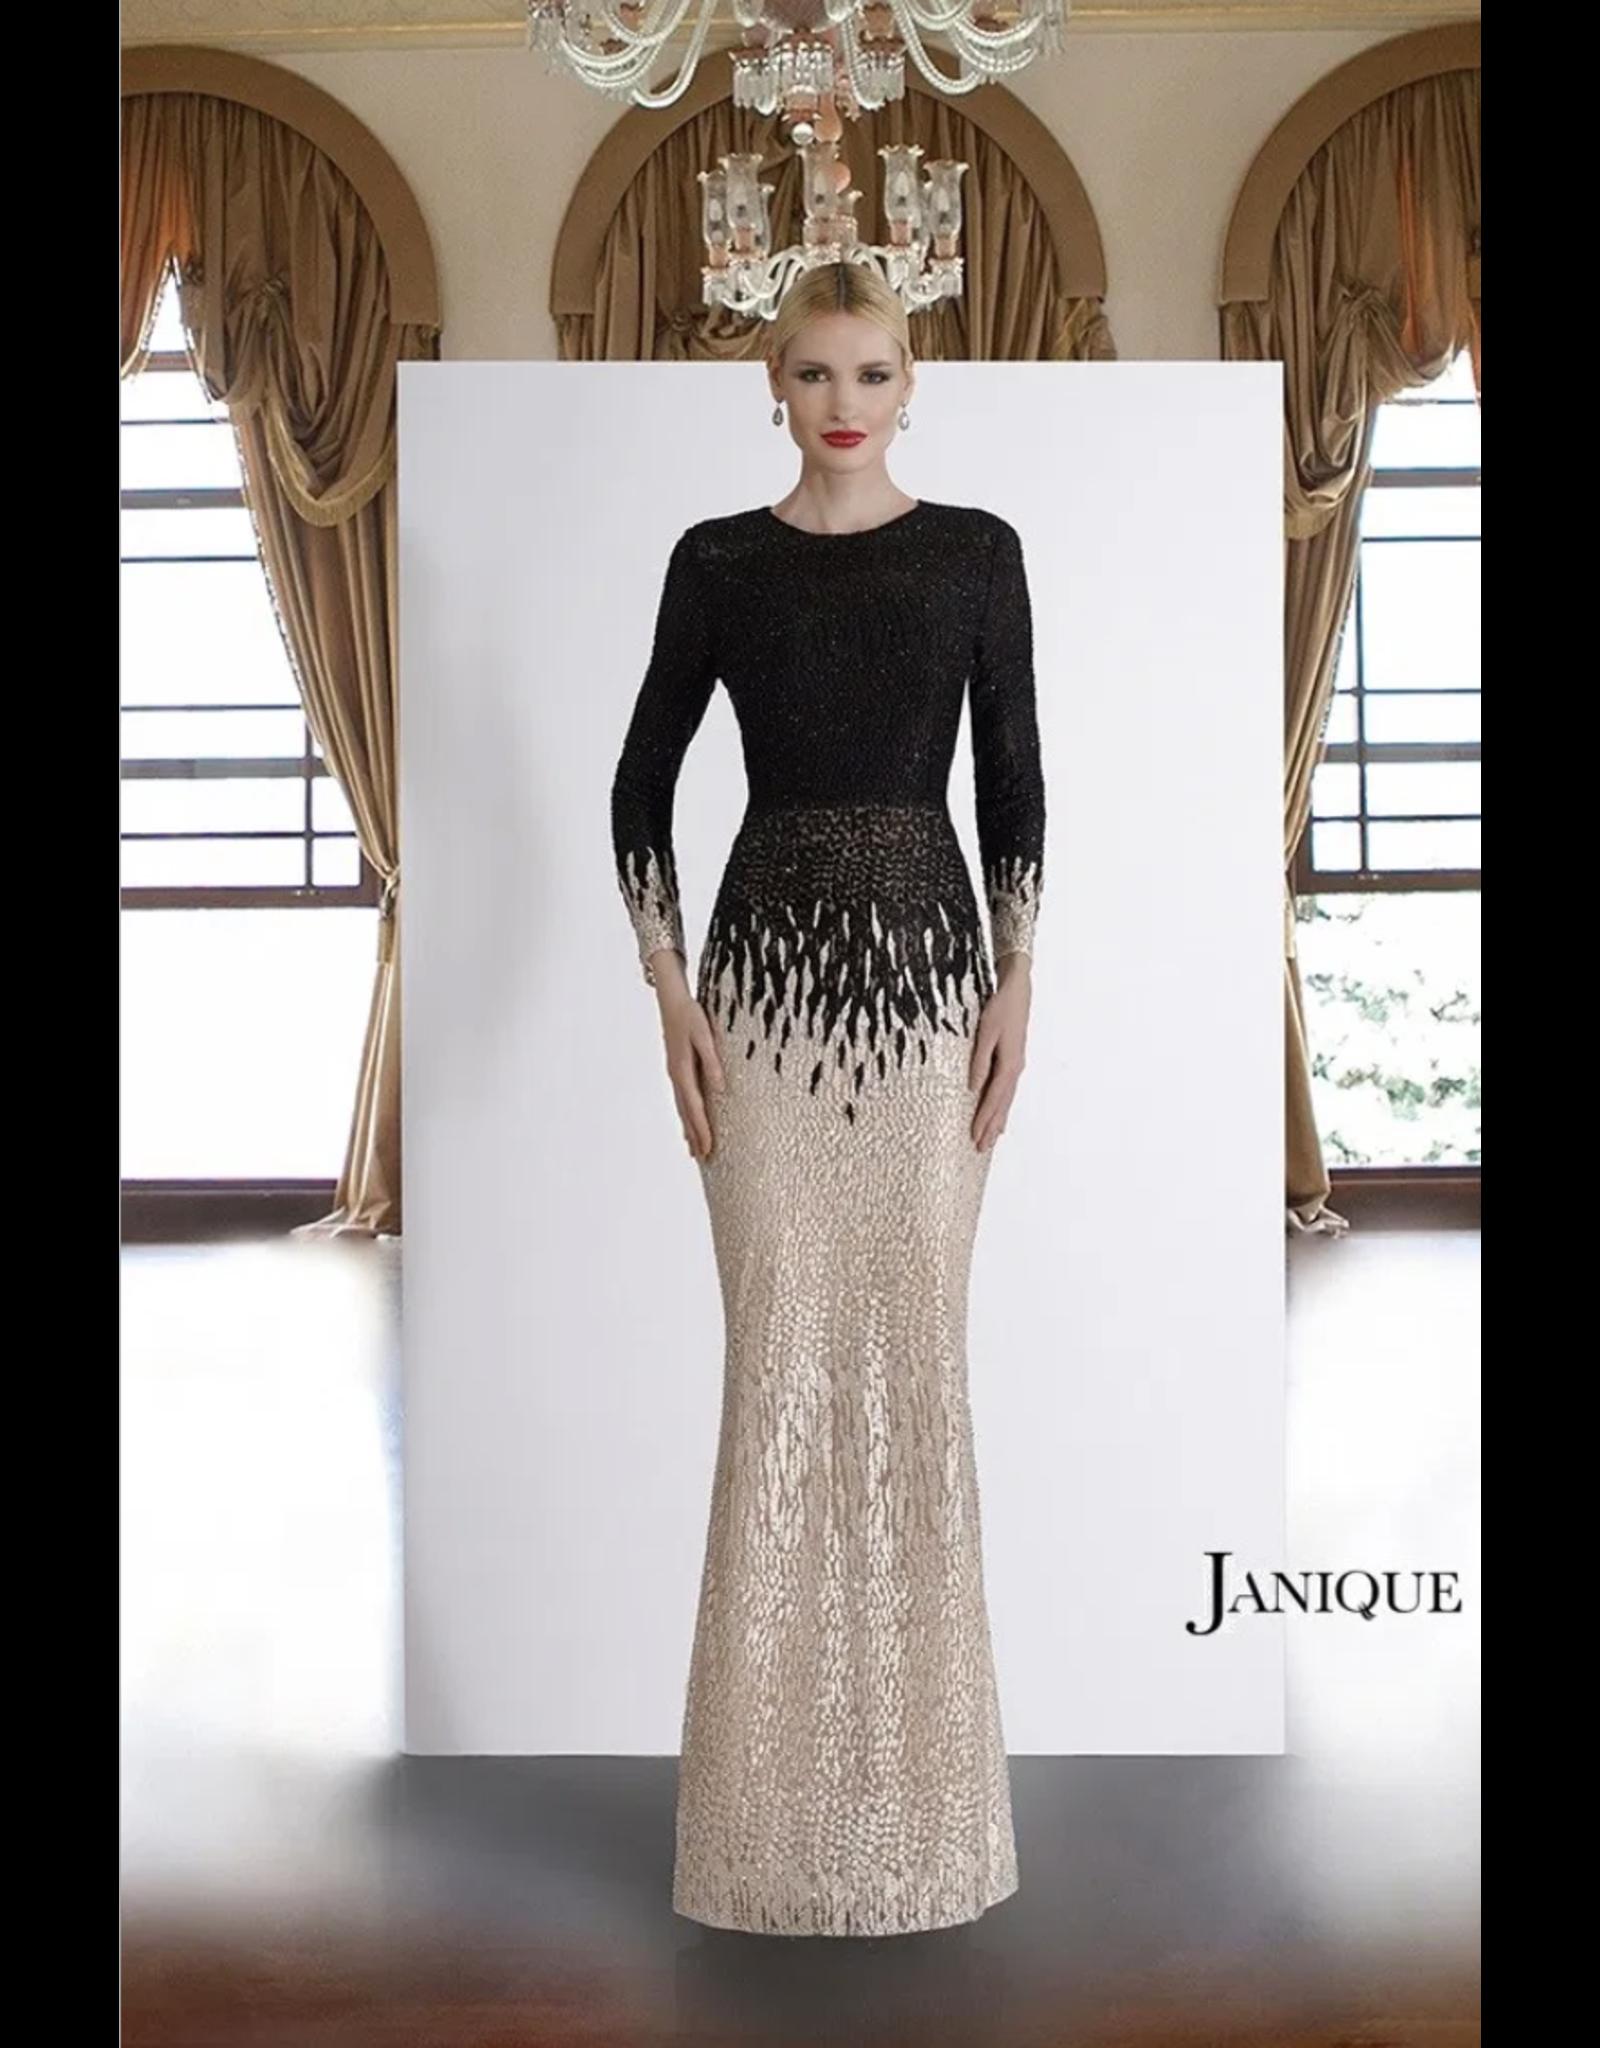 Janique A18321 Janique Dresses